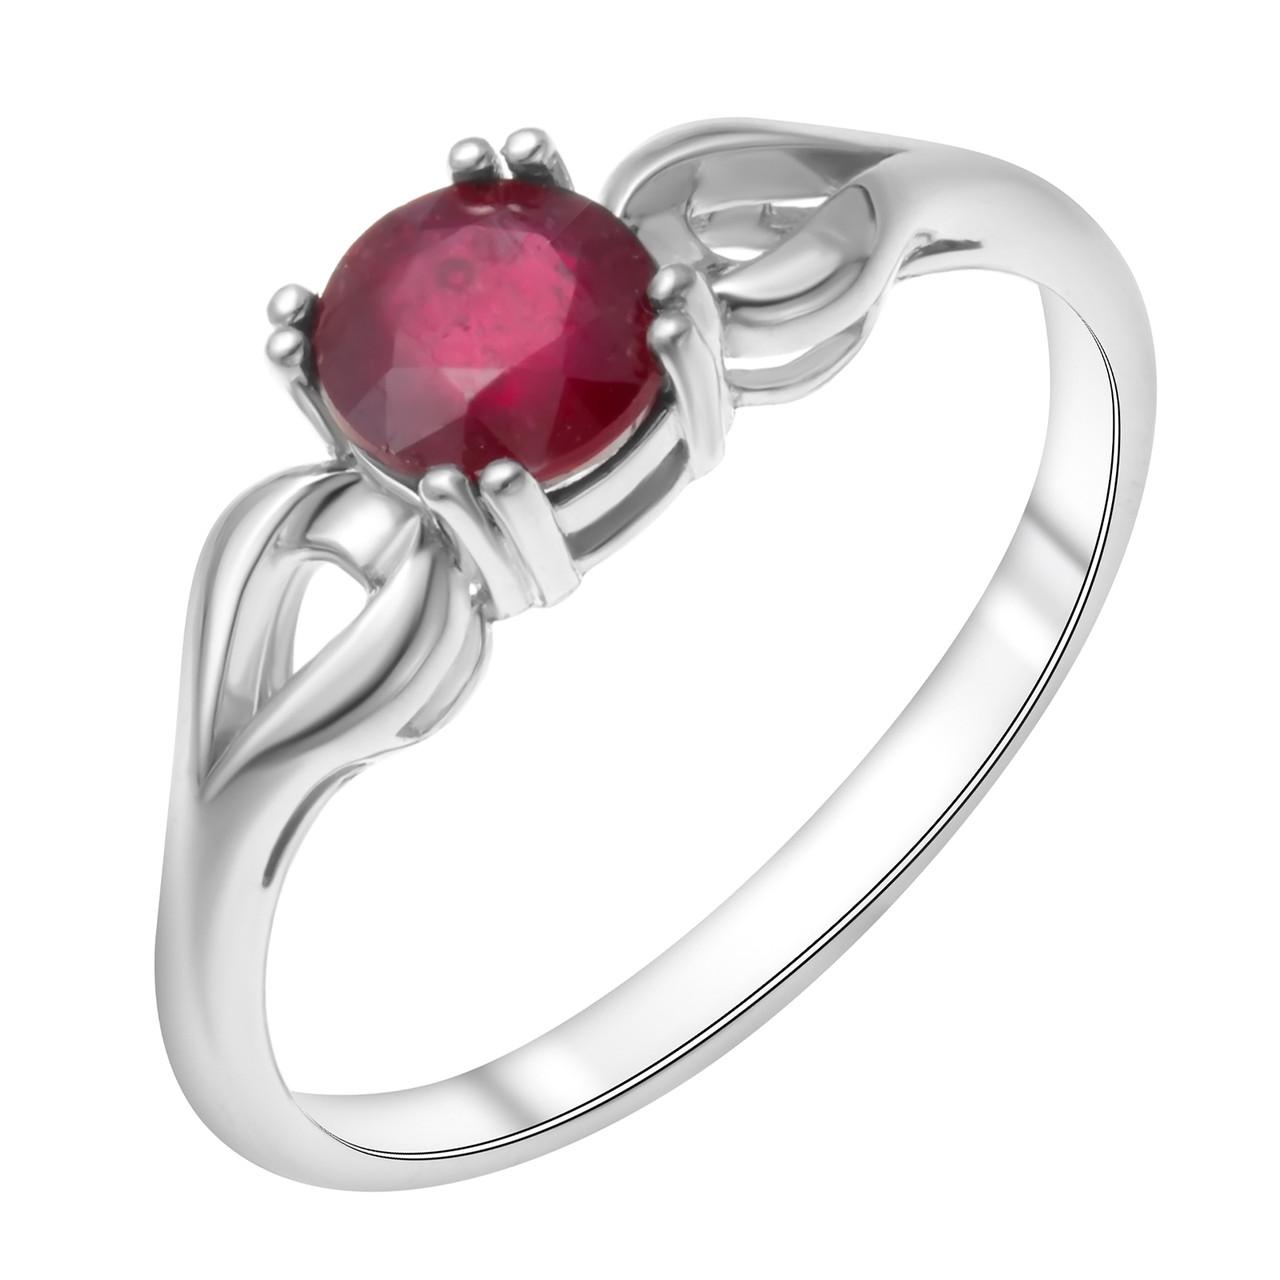 Кольцо из серебра с натуральным рубином